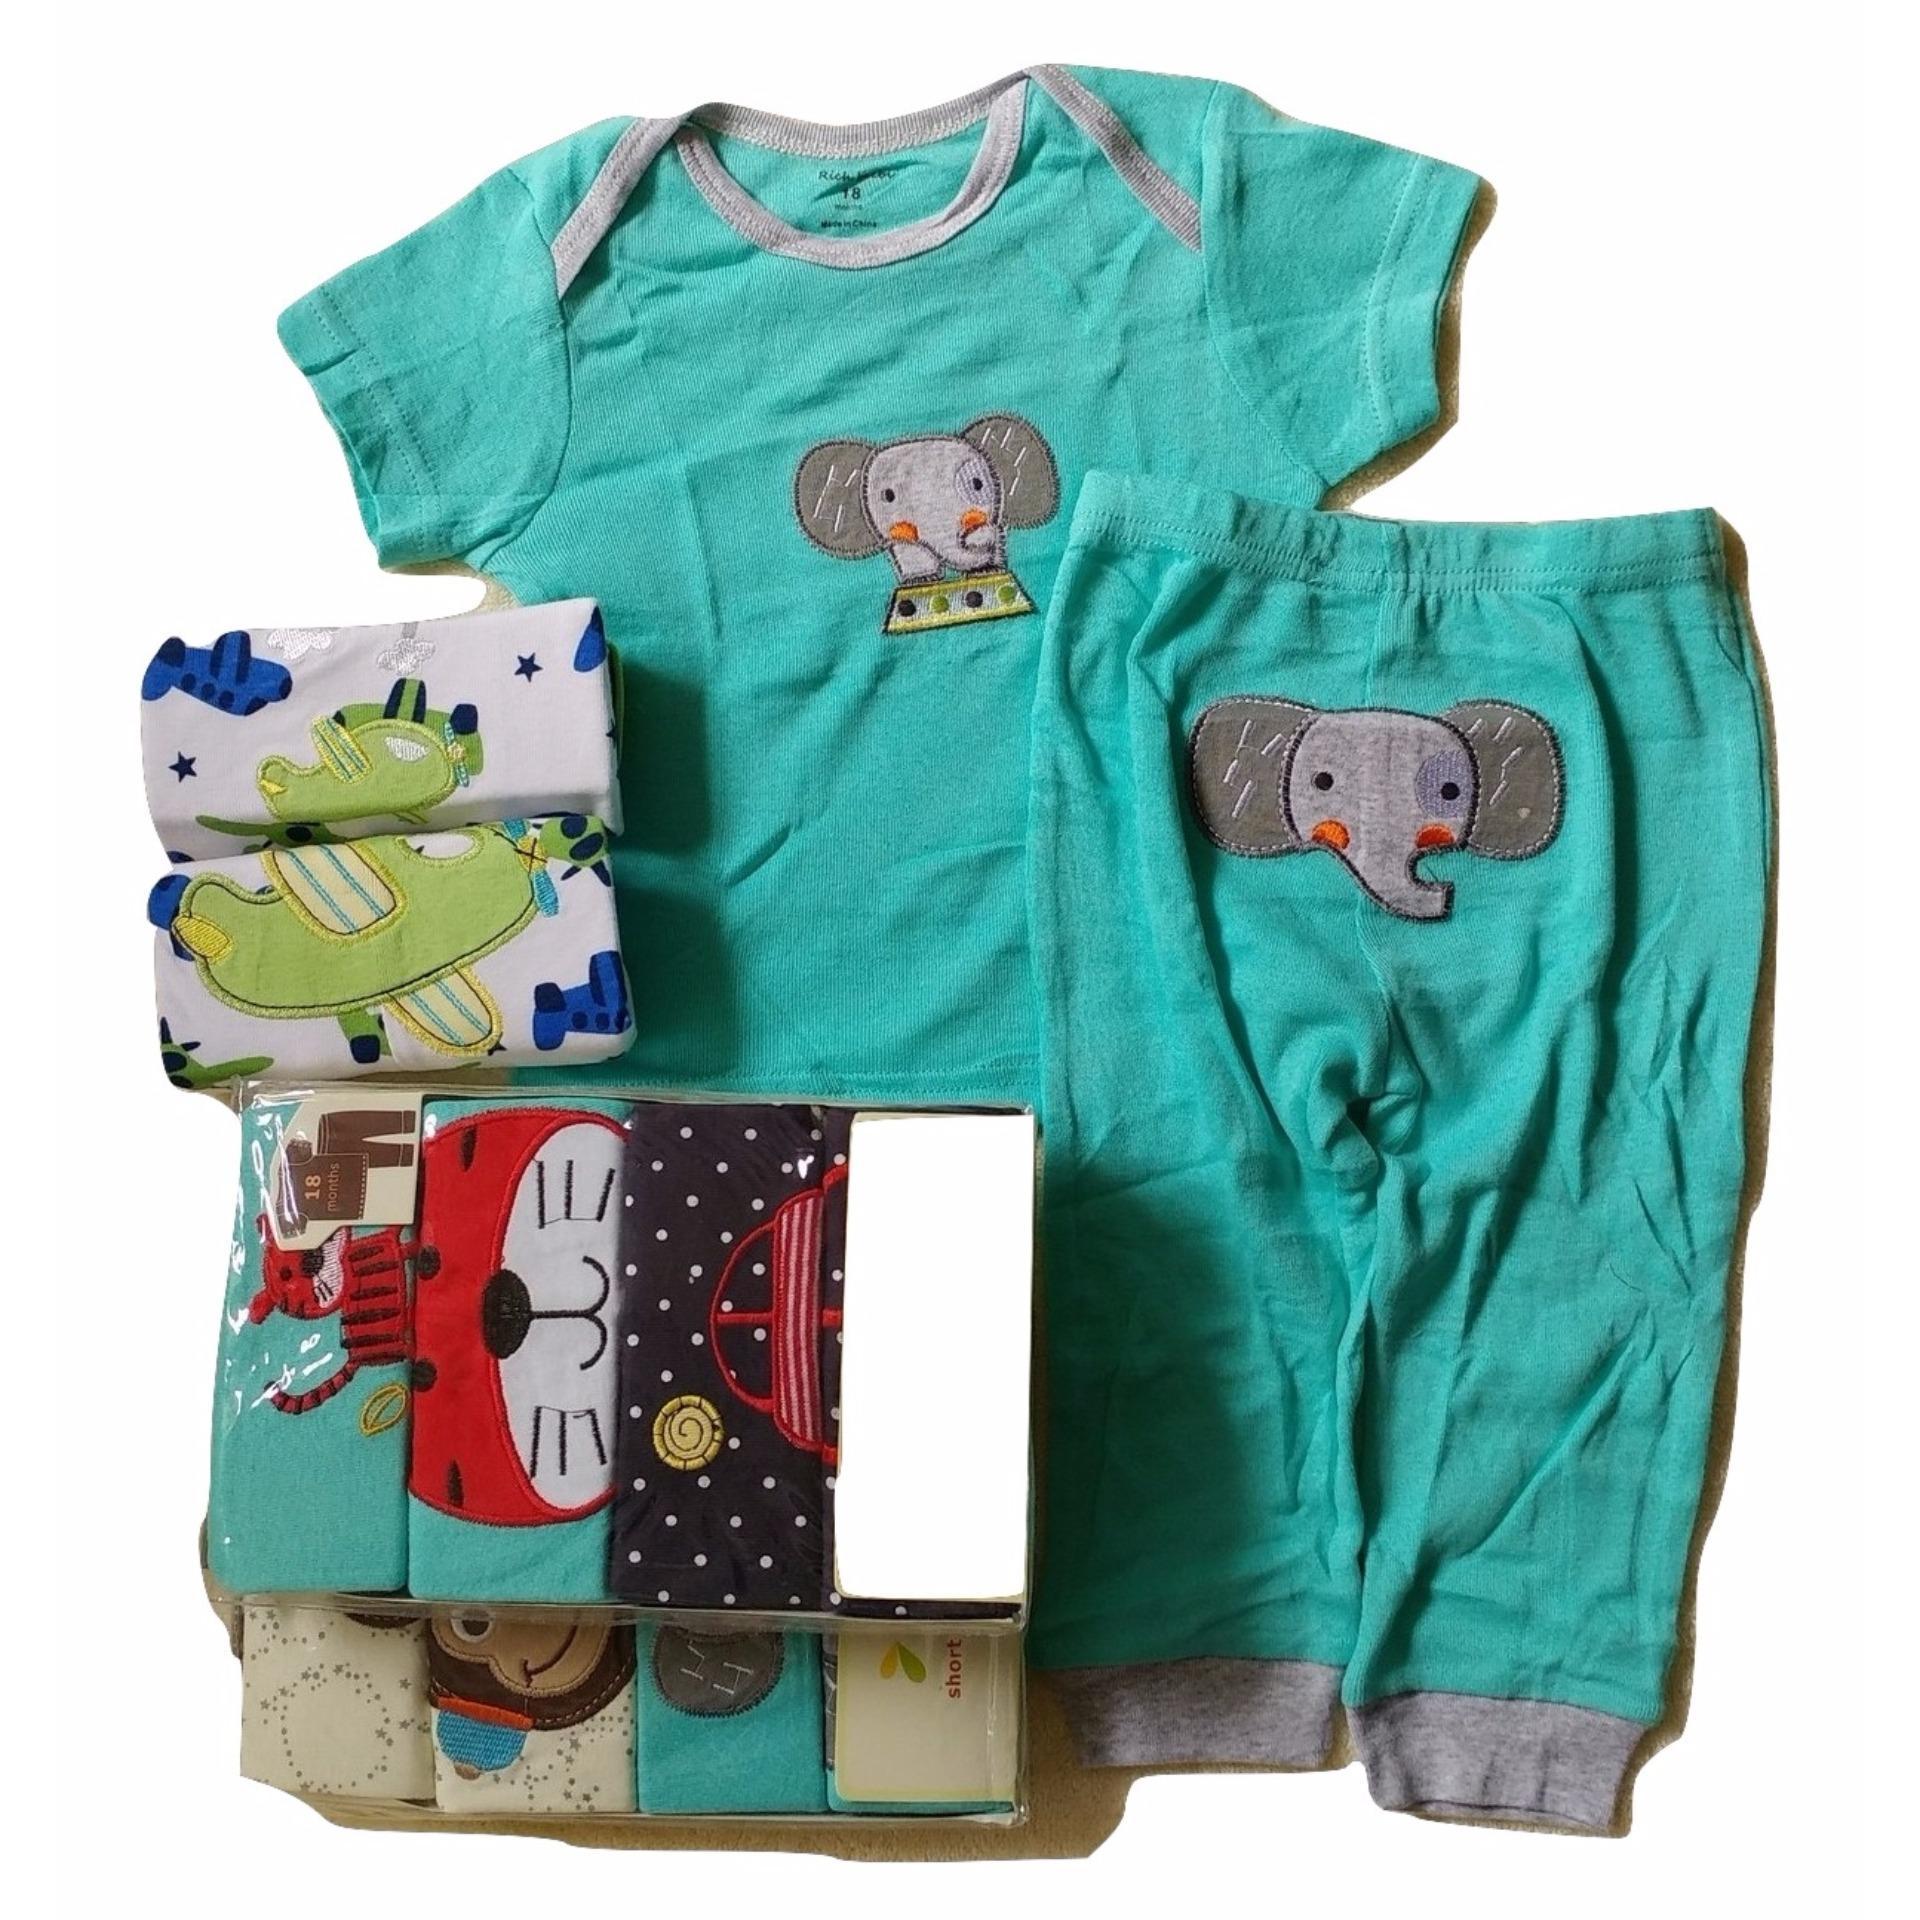 Jelova Angela 2pair Setelan Piyama Baju Tidur Baby Bayi Rich Beibi Recommended to .